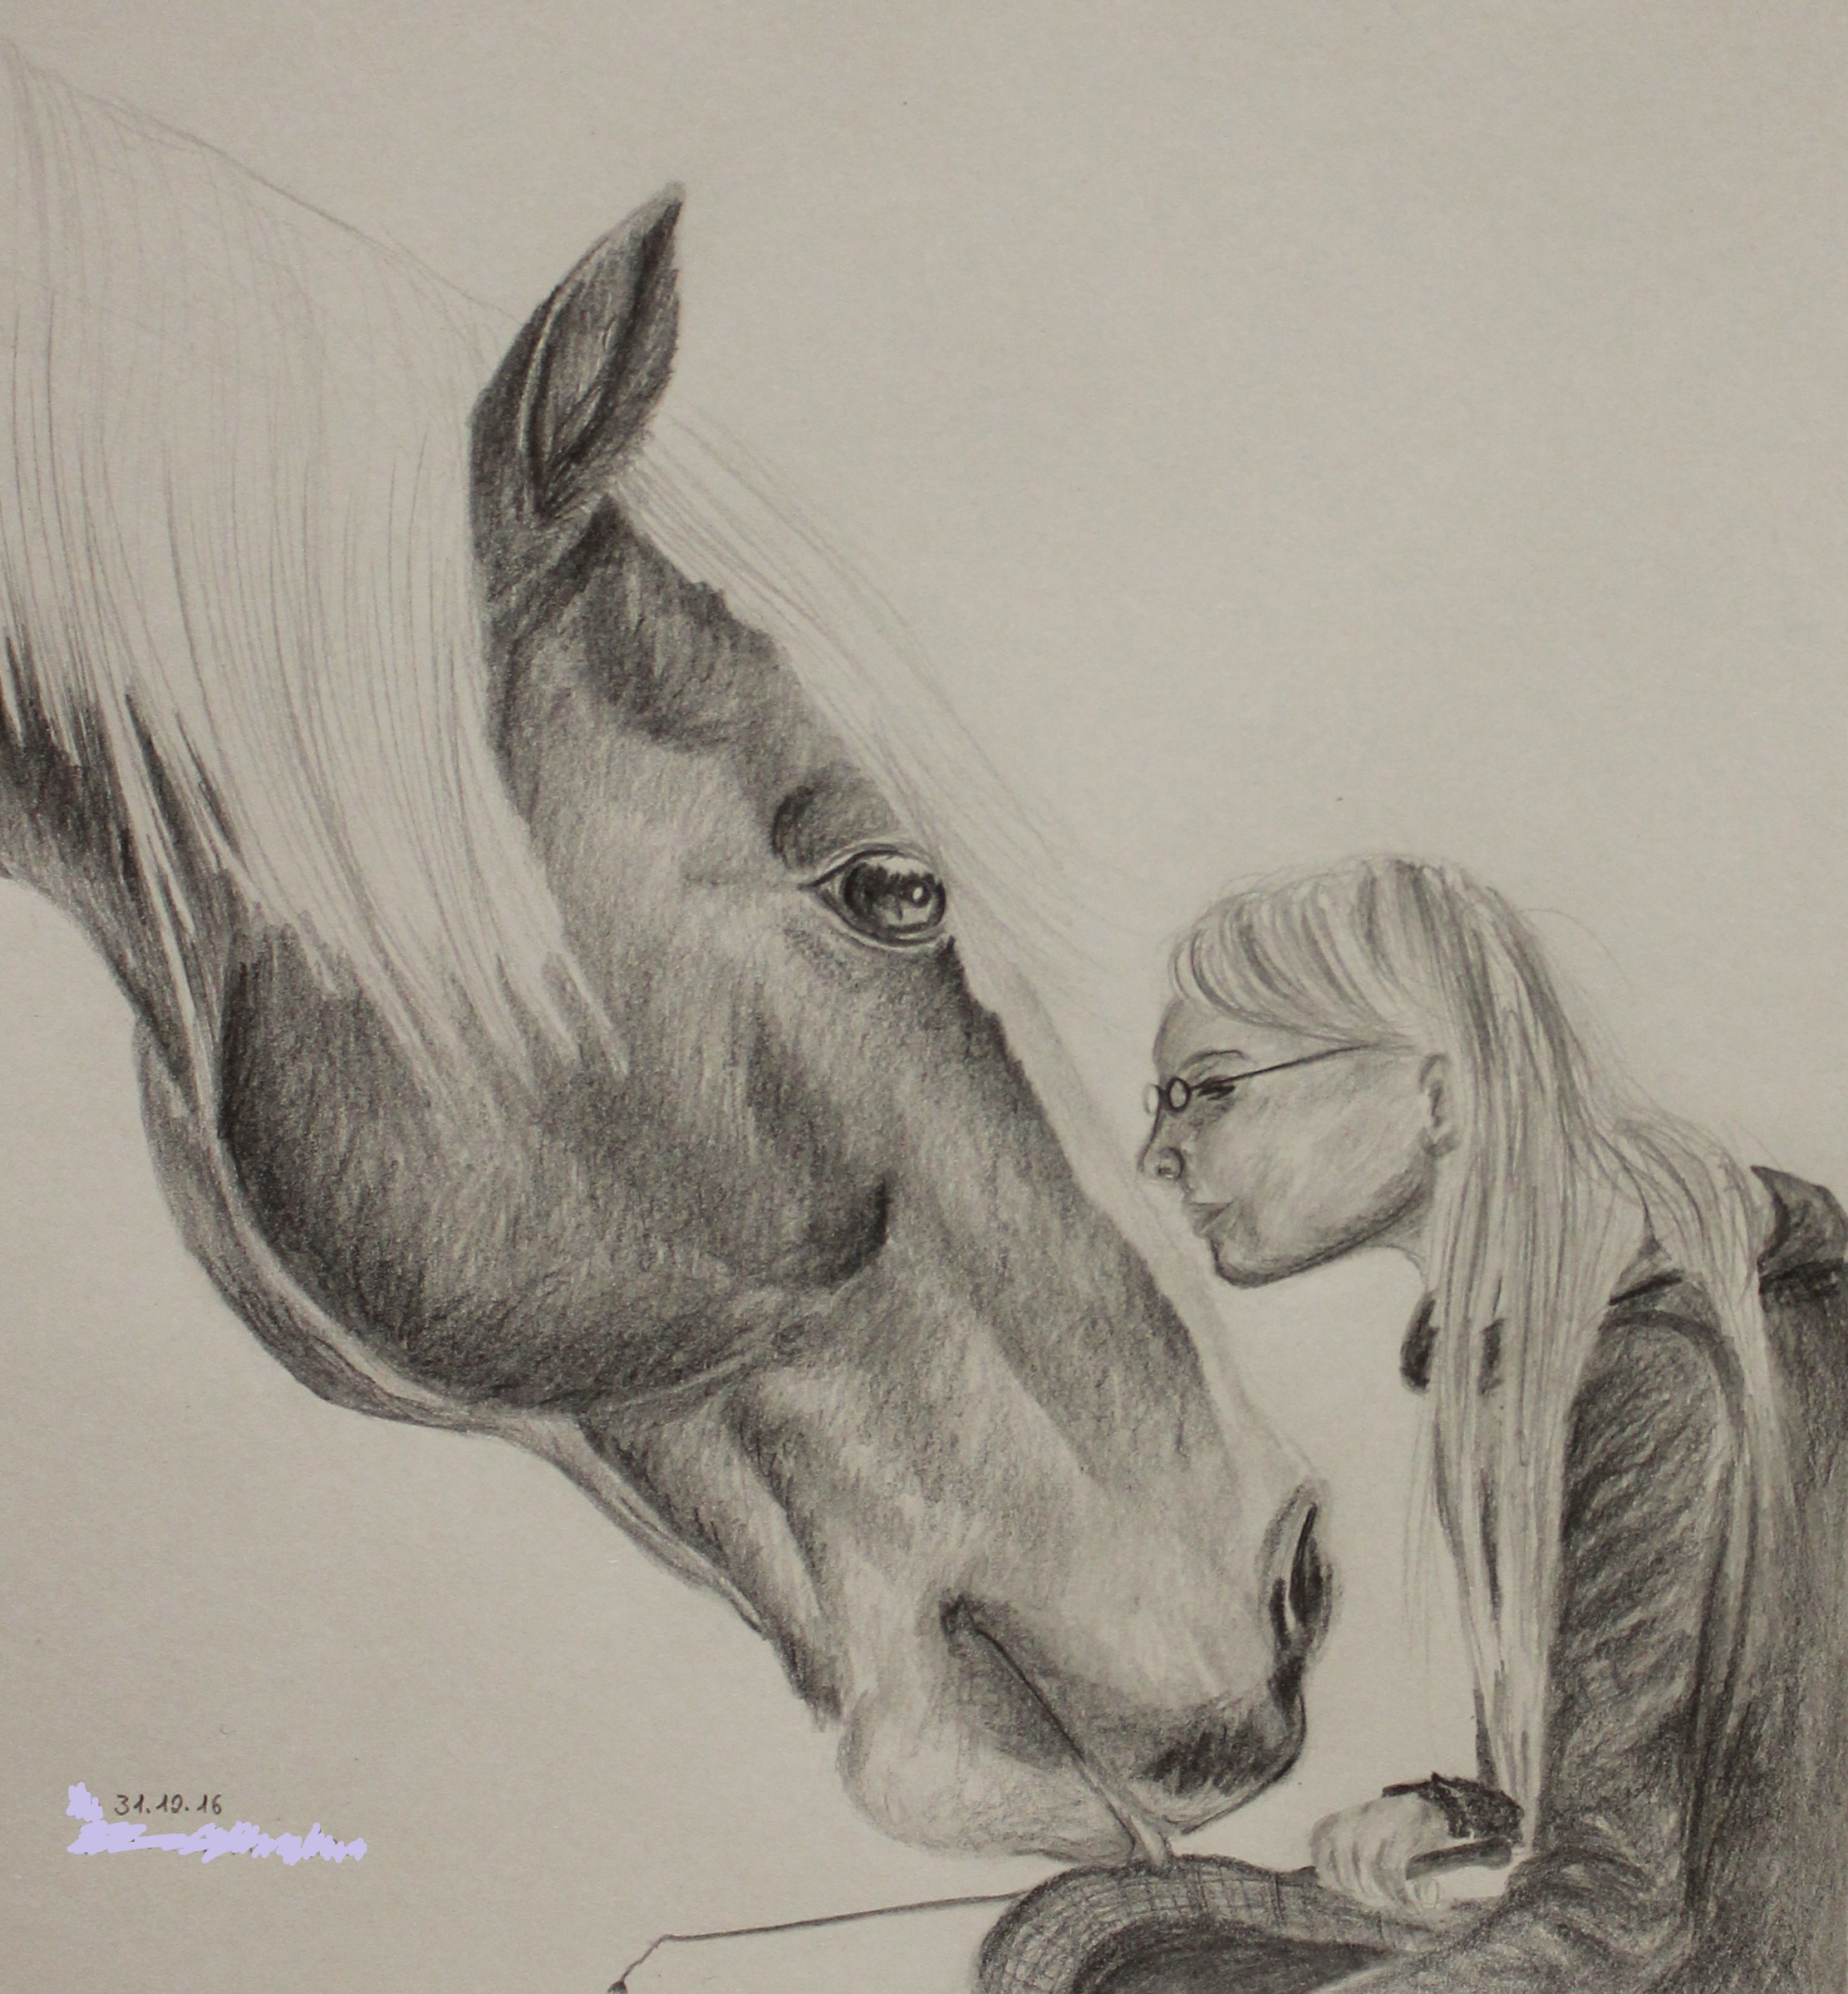 verstrkung hat im lernprozess eine angenehme wirkung dadurch wird dem pferd vermittelt dass dieses verhalten erwnscht ist und automatisch wird es - Negative Verstarkung Beispiel